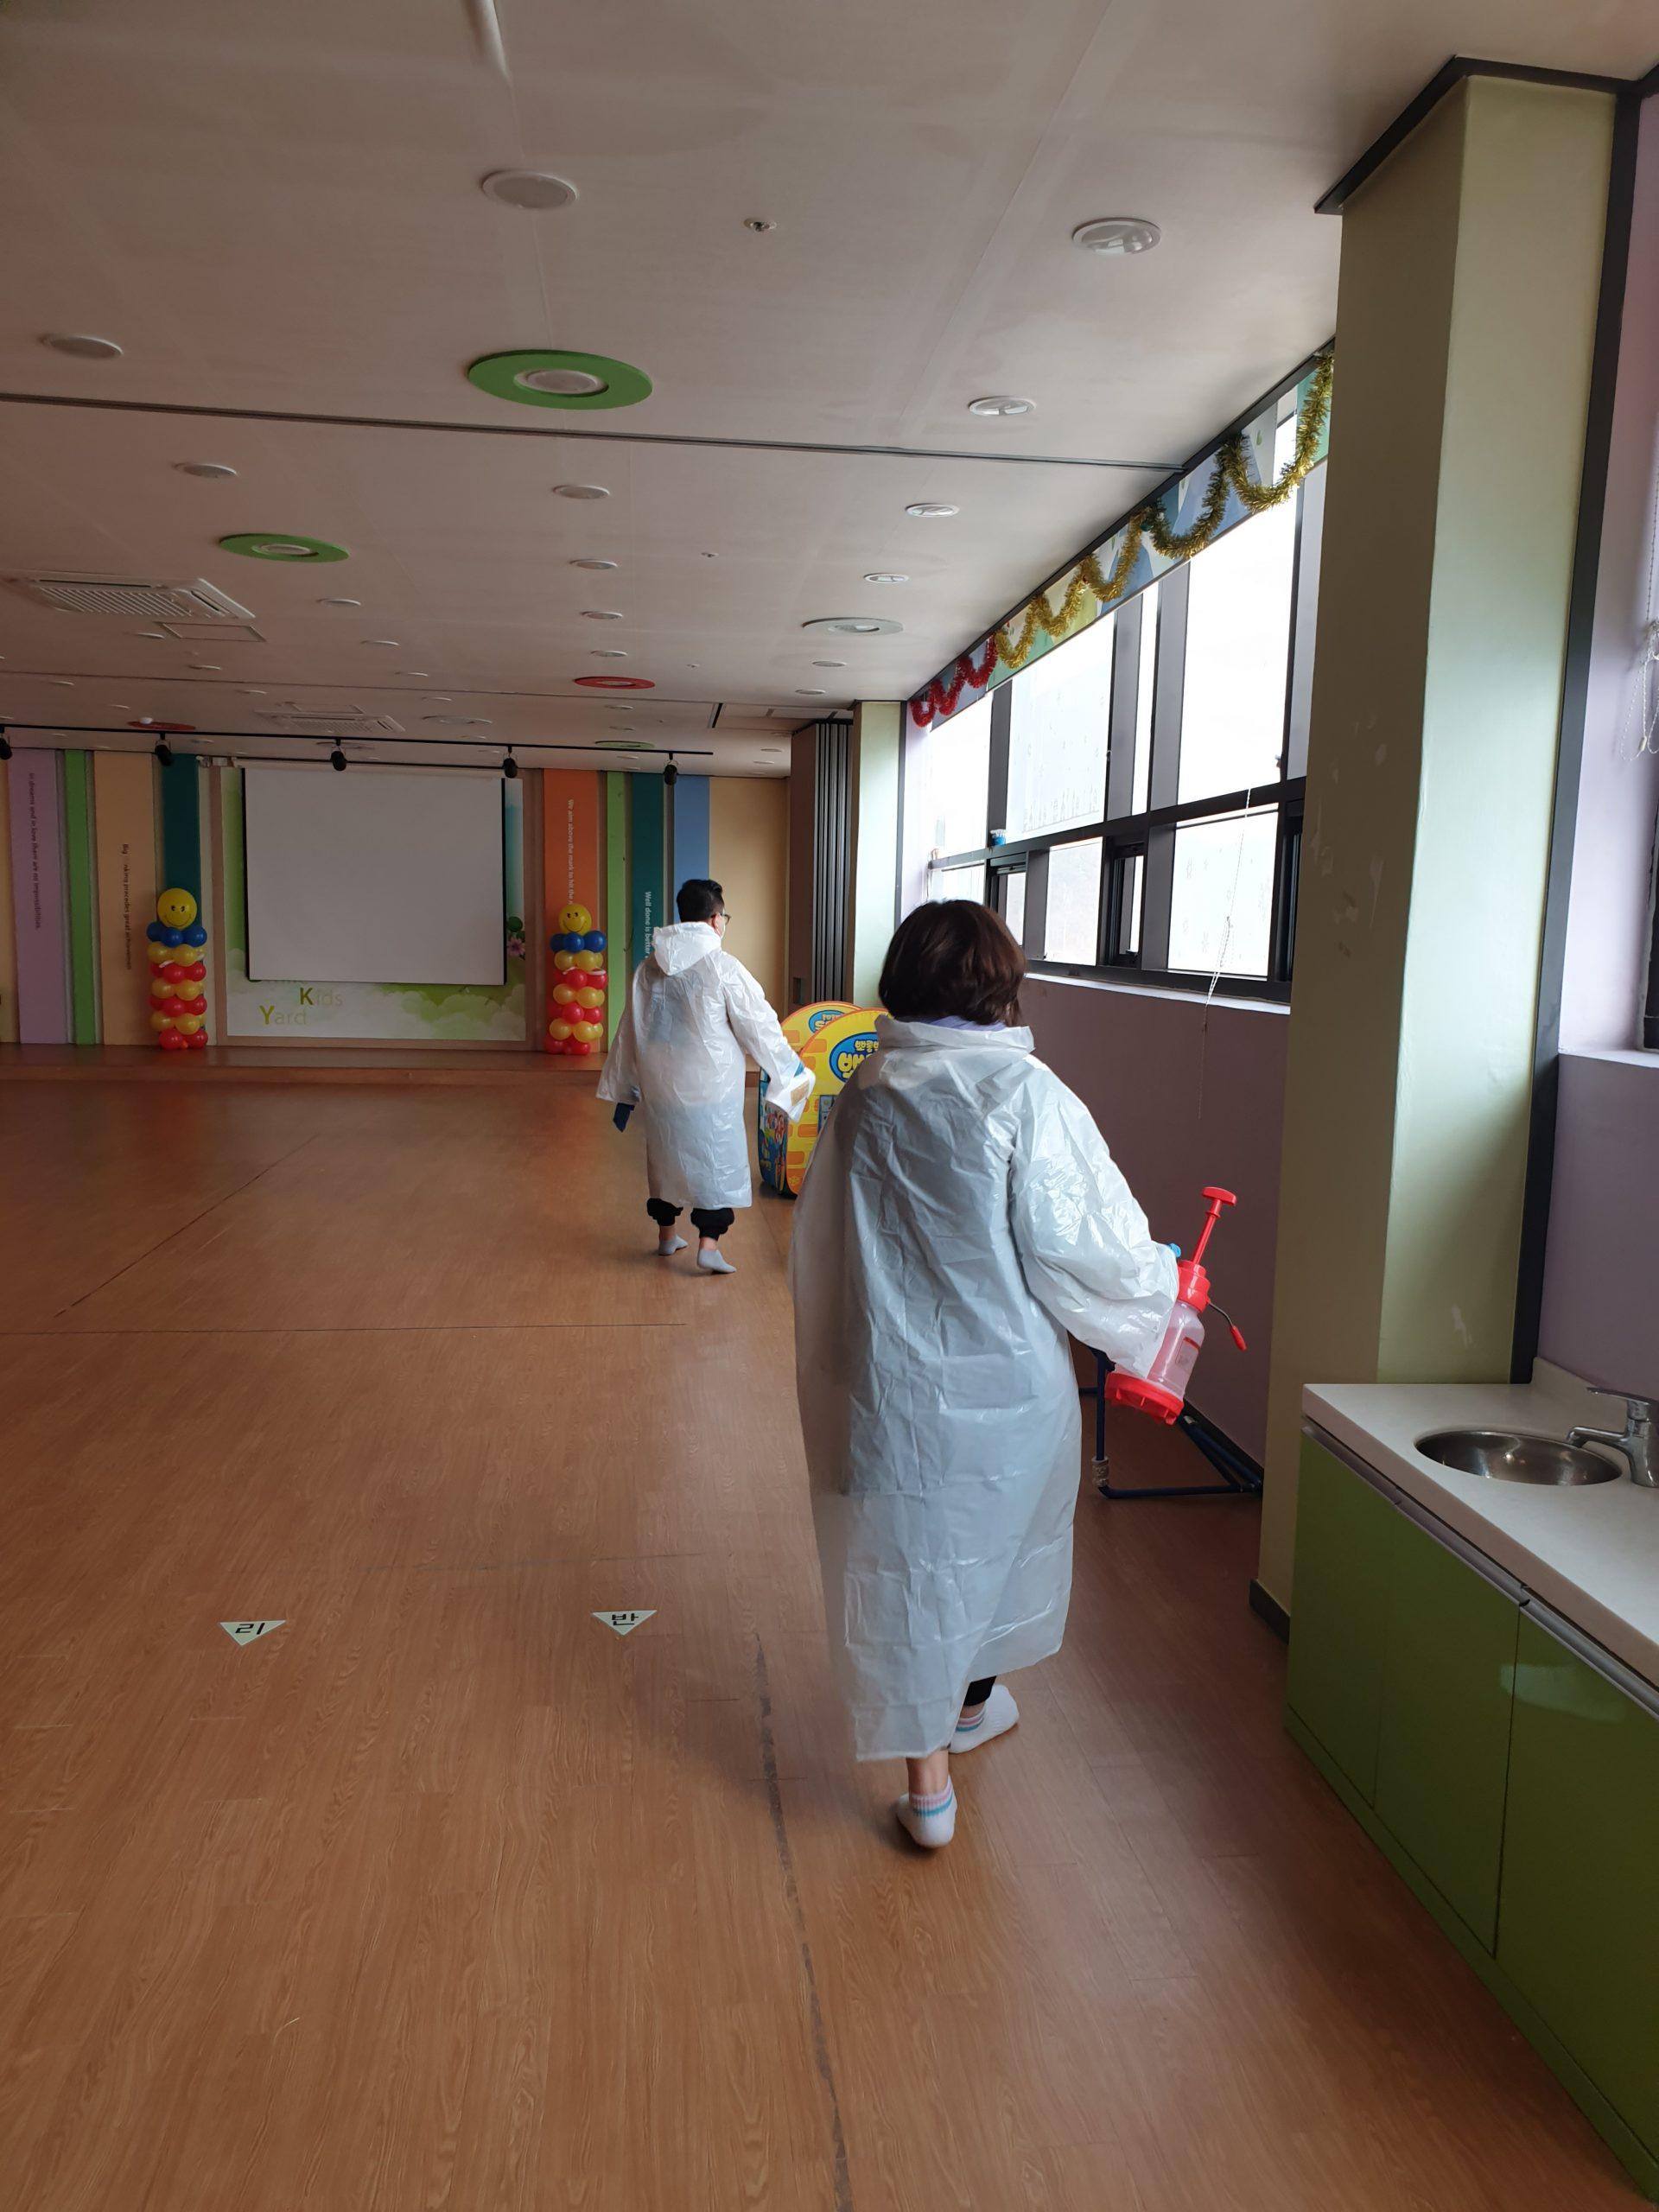 서창2동 아이다움 코로나19 방역 자원봉사 (12)